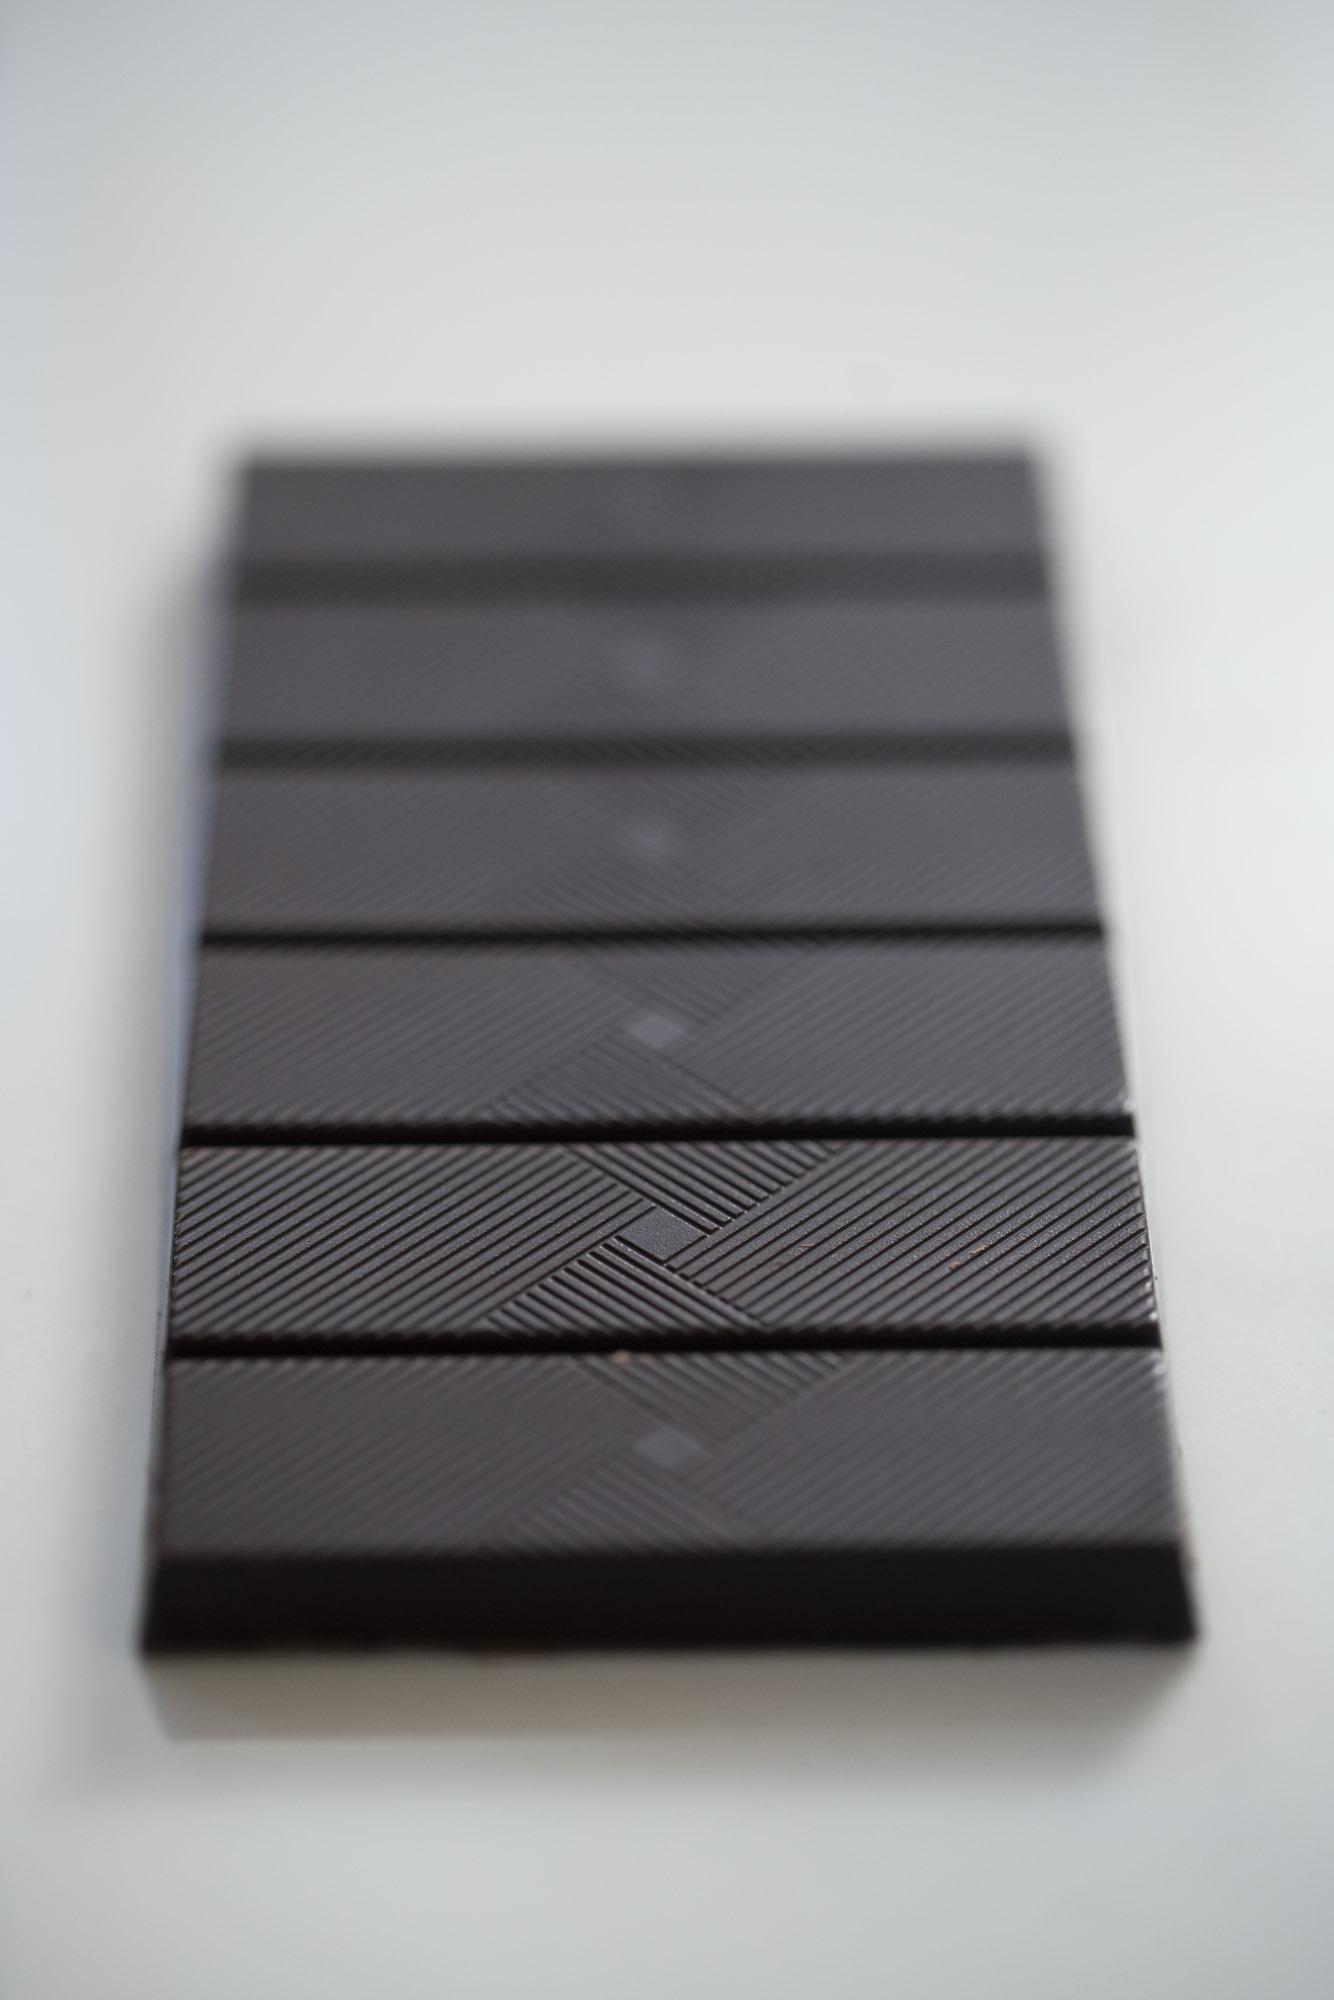 Tablette Superchoc Noir à la fleur de sel, chocolat belge et bio de Supersec